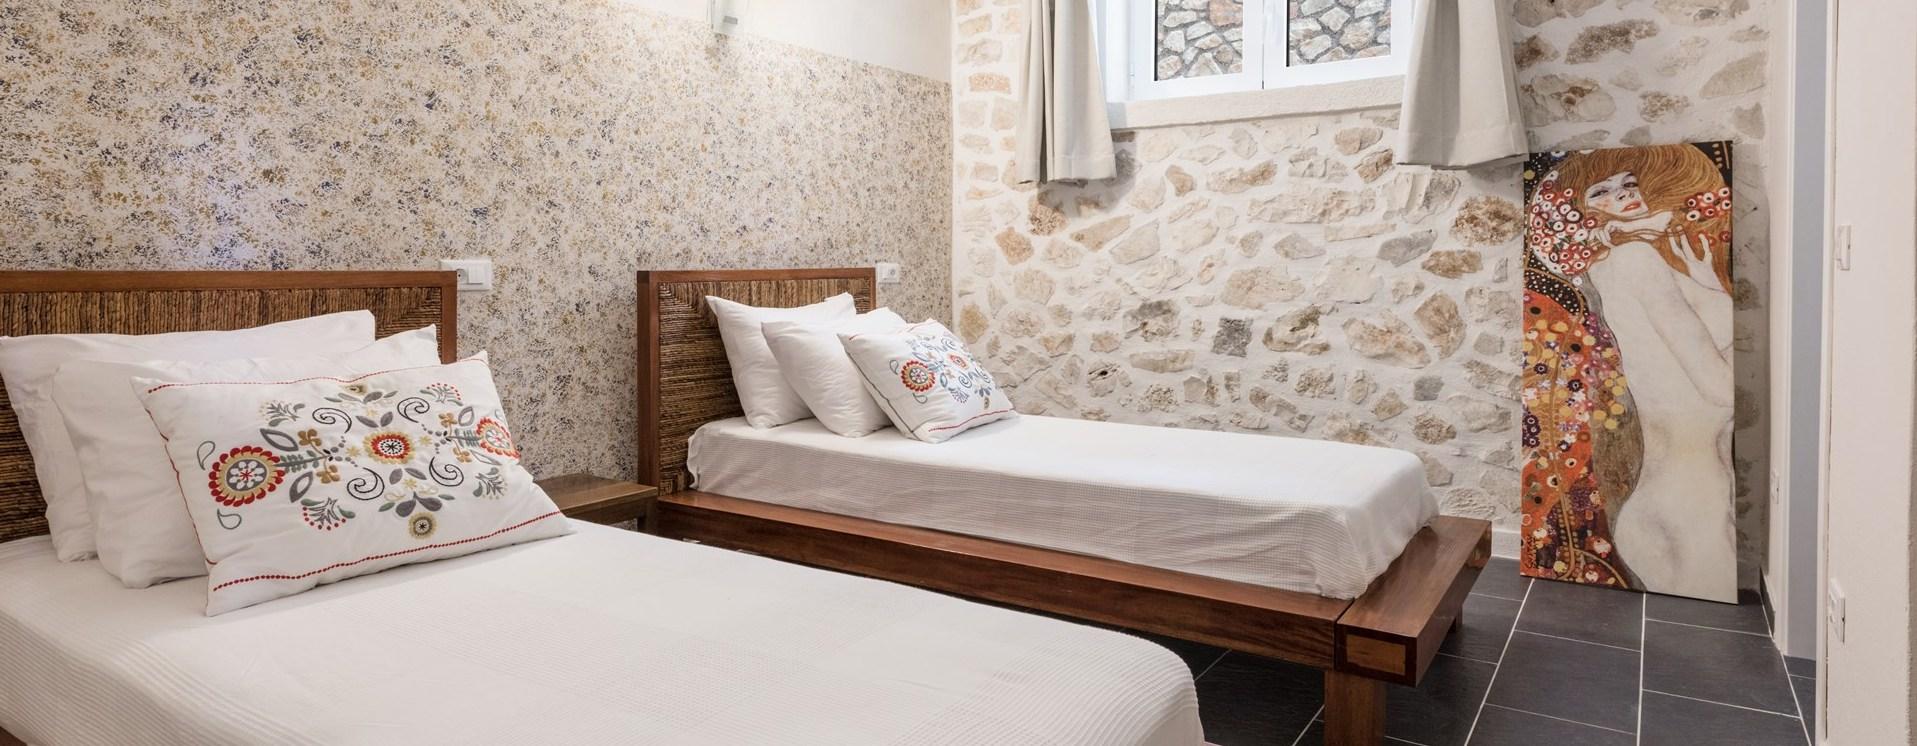 villa-pandora-twin-bedroom1